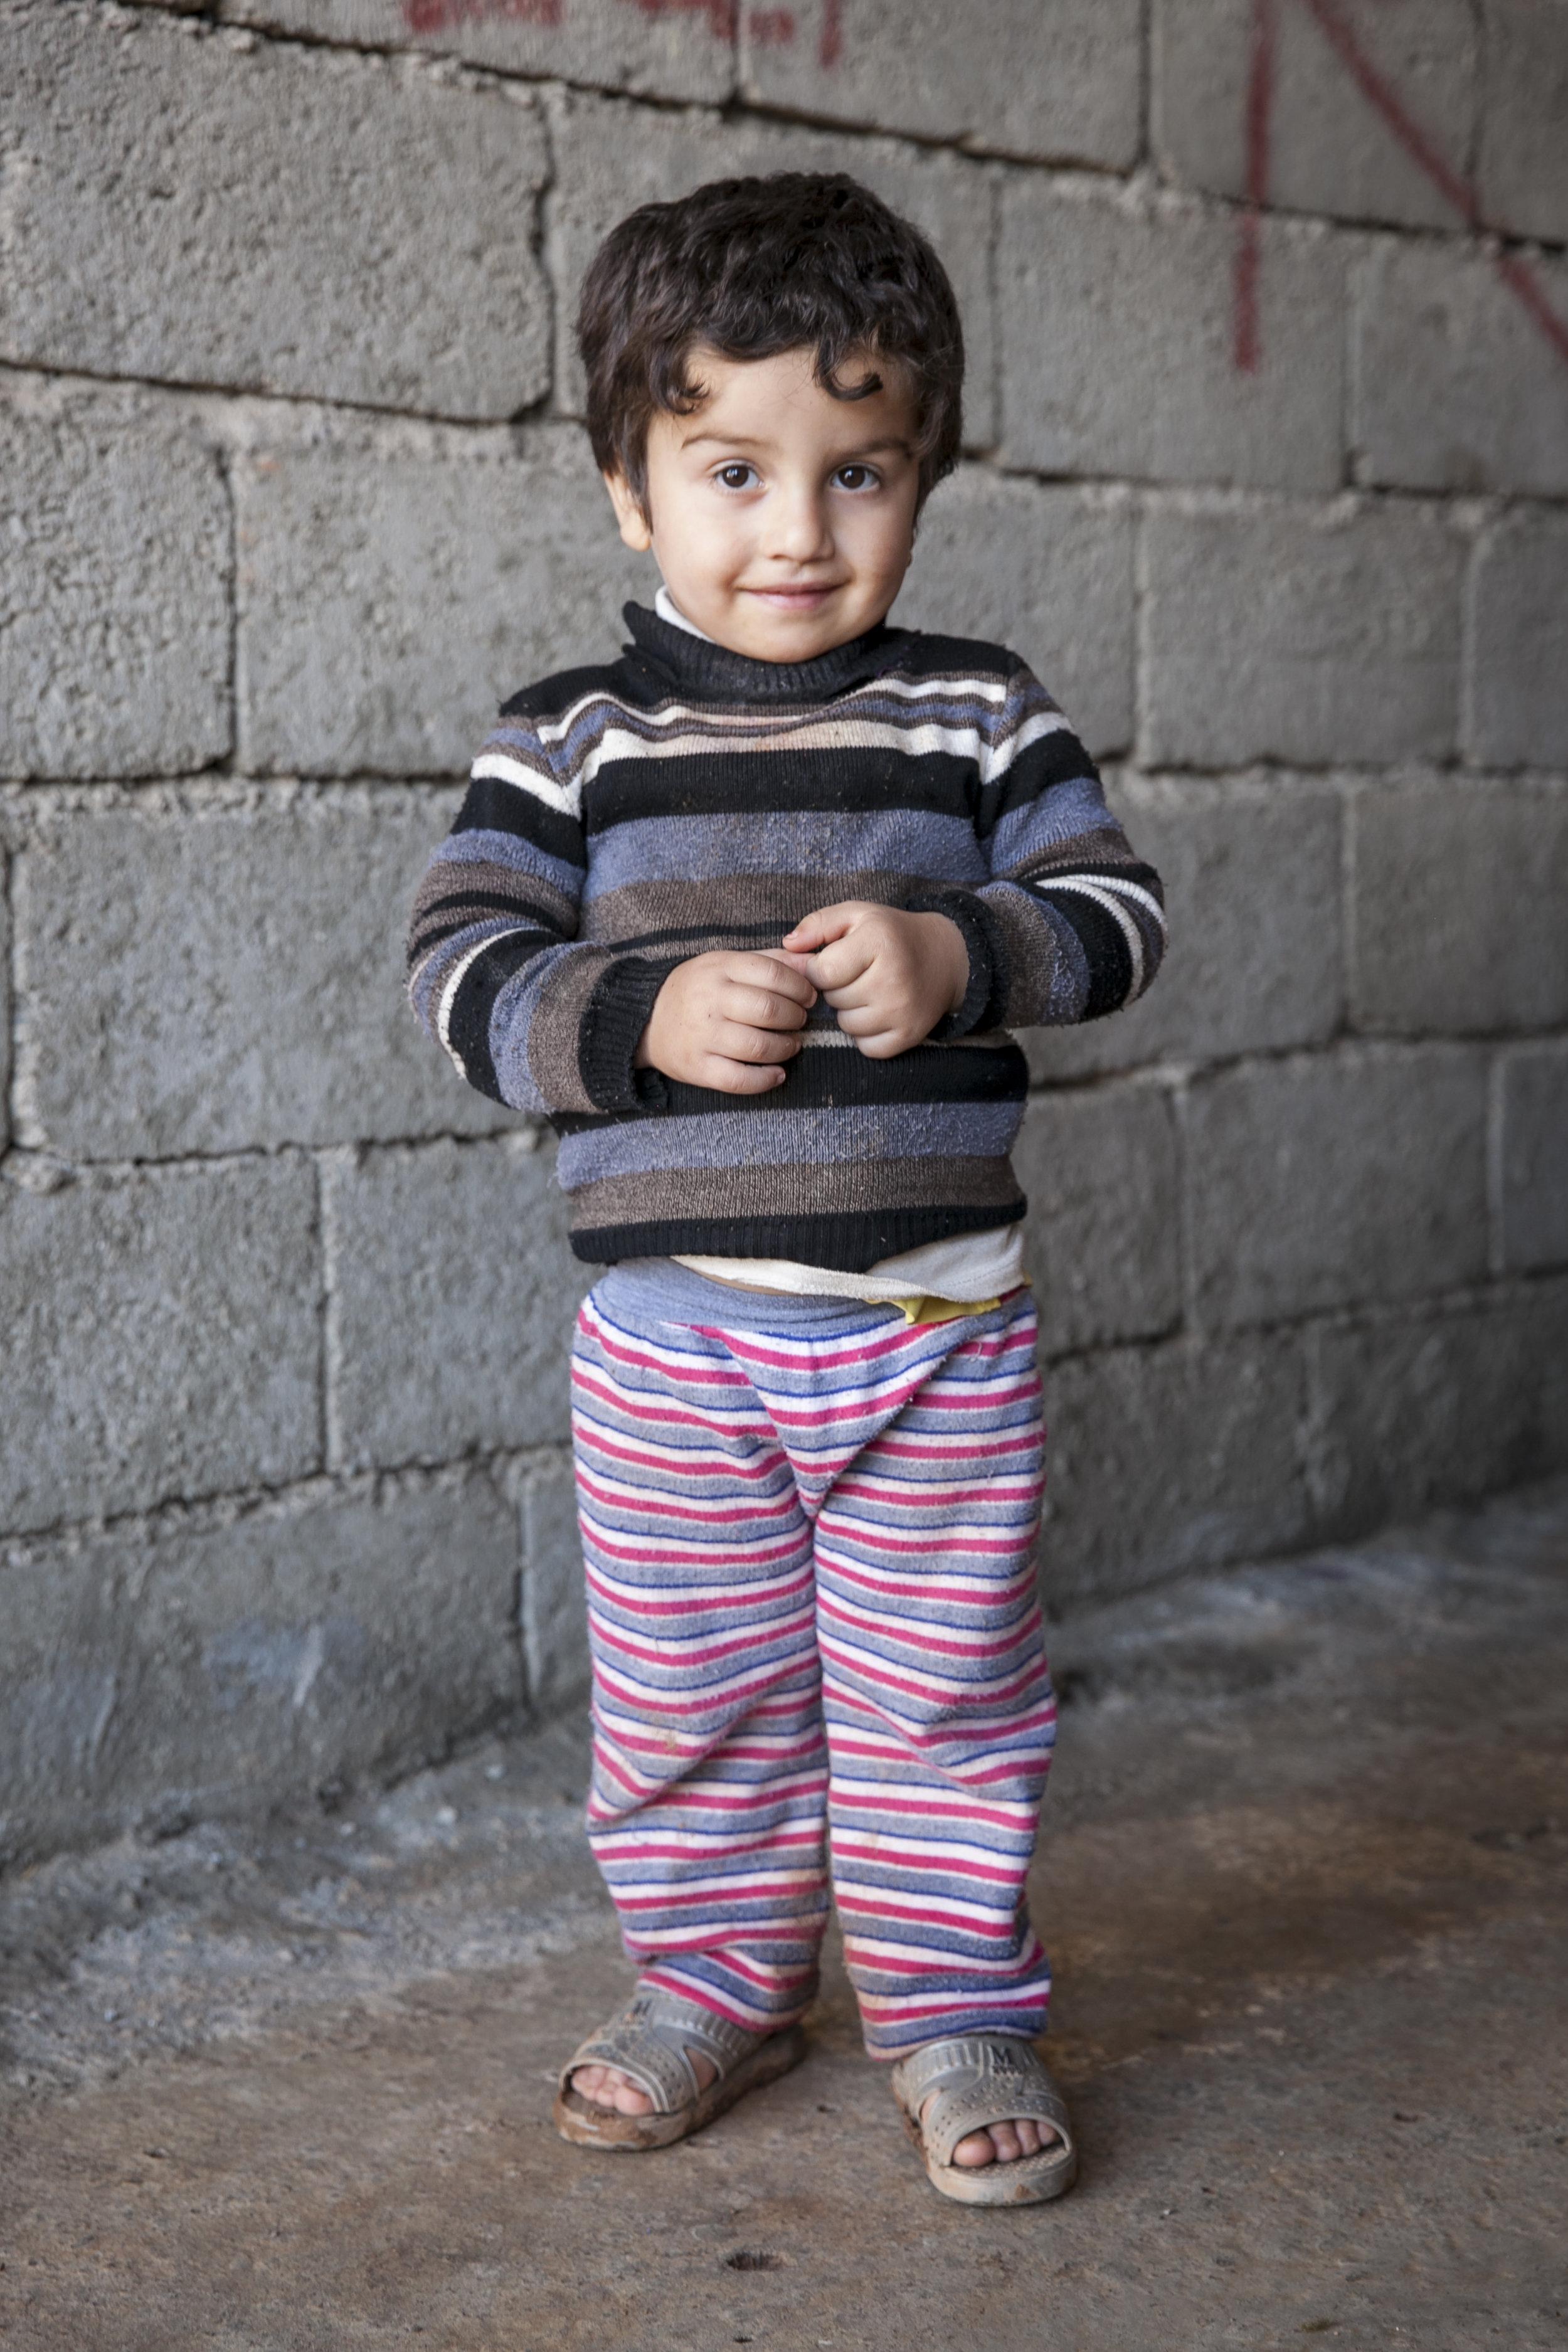 20141205_Refugee_GH_0321.jpg